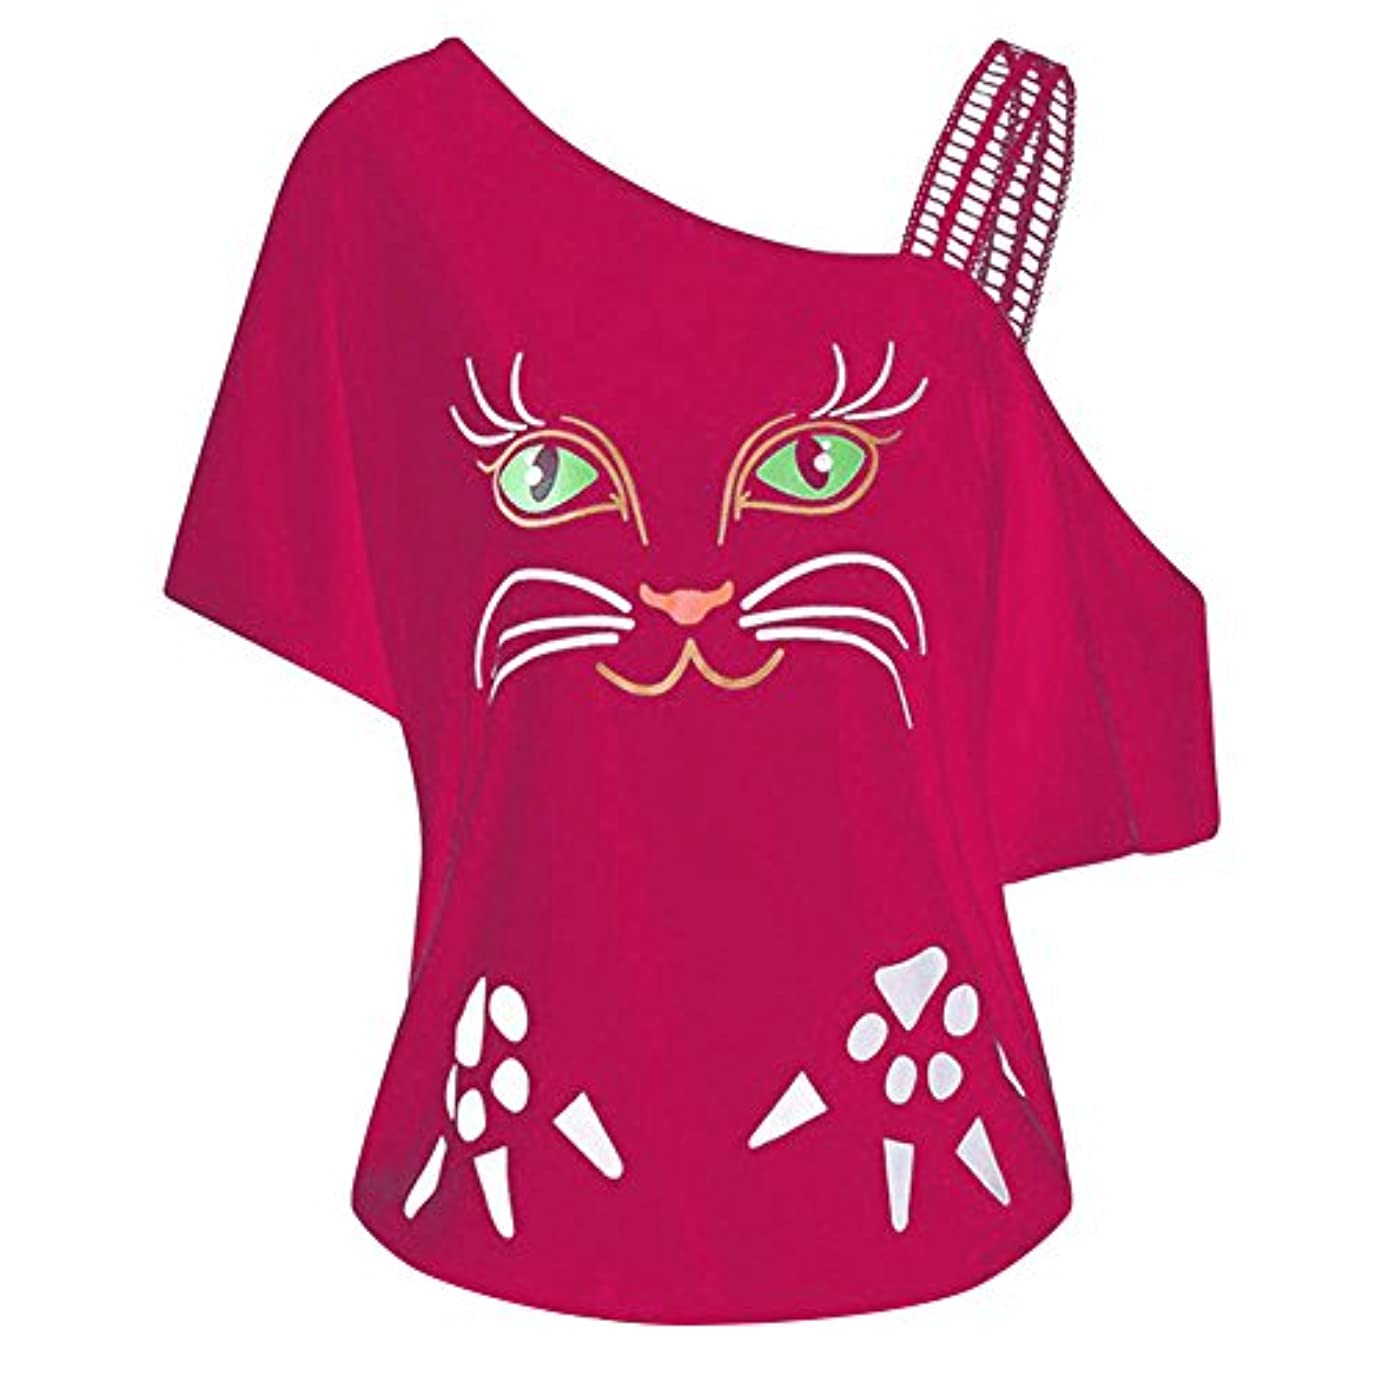 伝染性の年齢リスクHosam レディース 洋服 片肩 猫 お洒落 おもしろ プリント Tシャツ お洒落 体型カバ― お呼ばれ 通勤 日常 快適 大きなサイズ シンプルなデザイン 20代30代40代でも (L, ピンク)